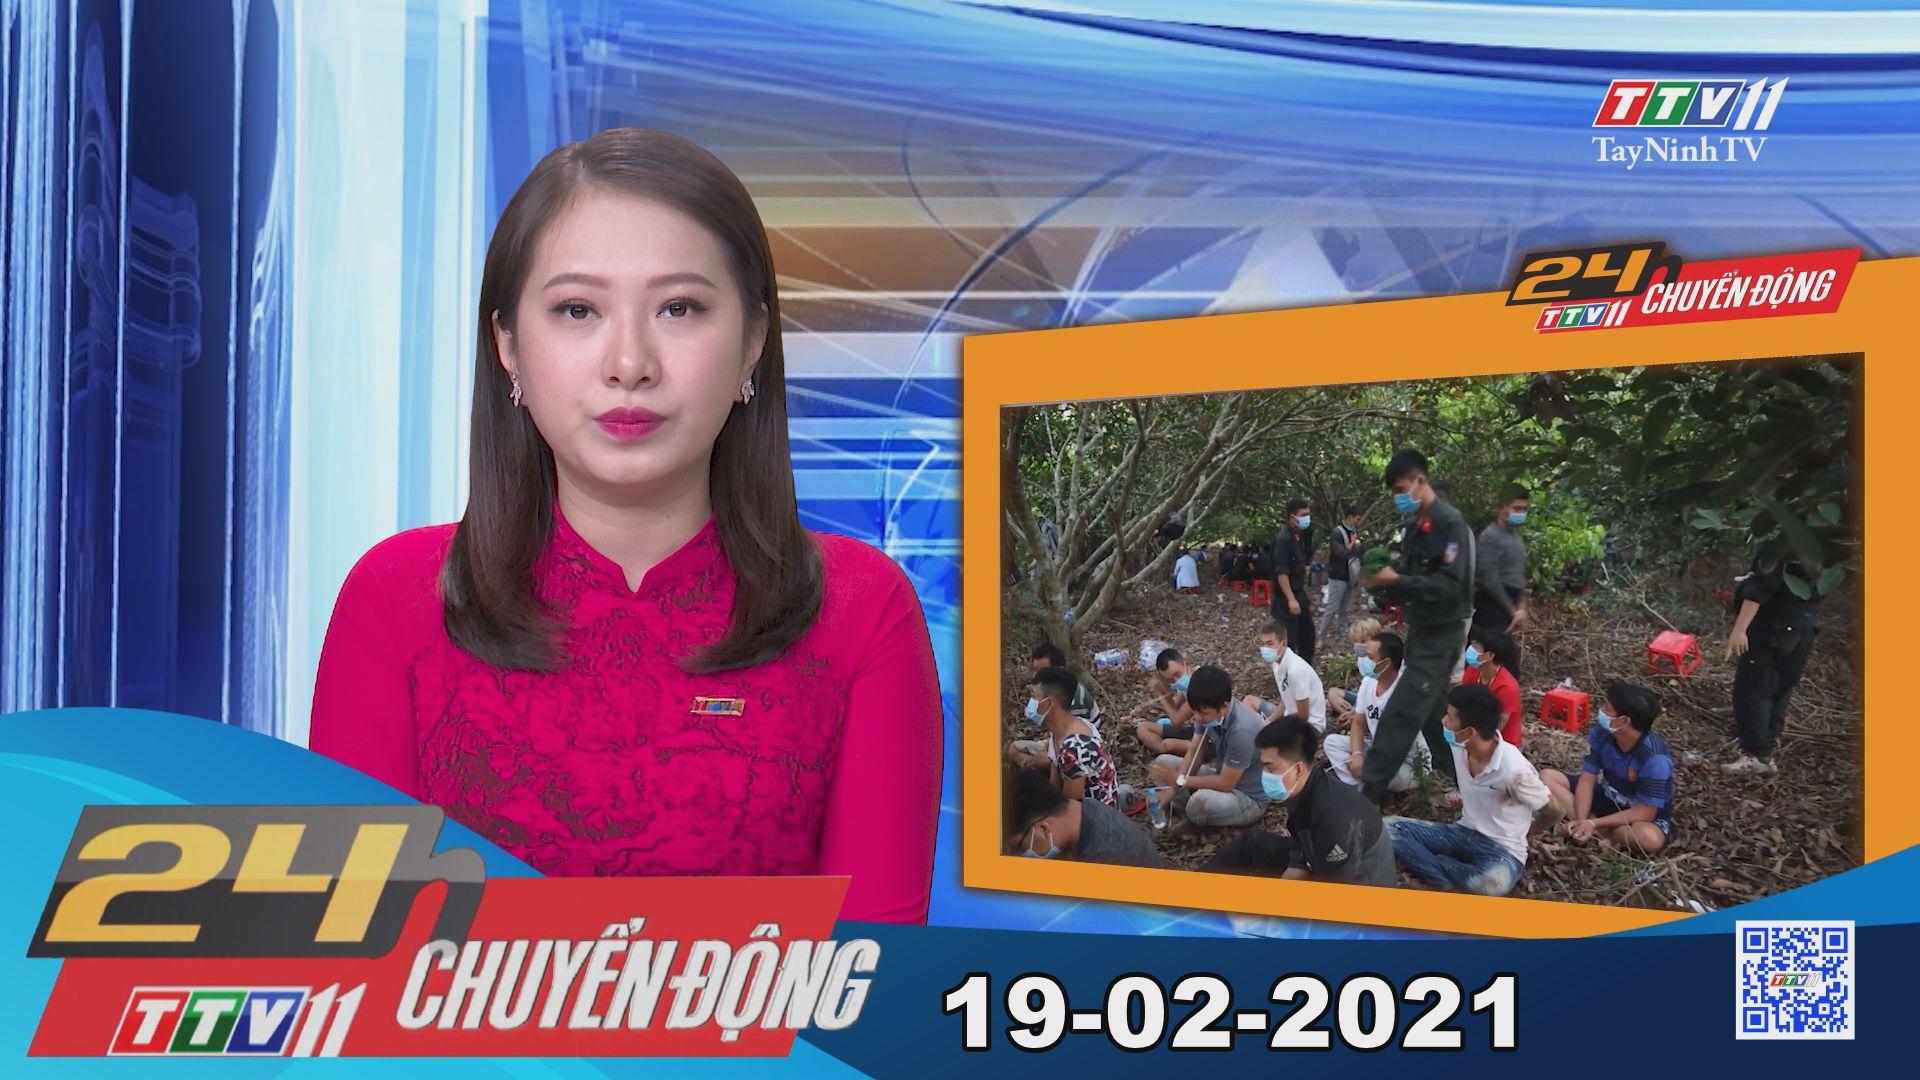 24h Chuyển động 19-02-2021 | Tin tức hôm nay | TayNinhTV